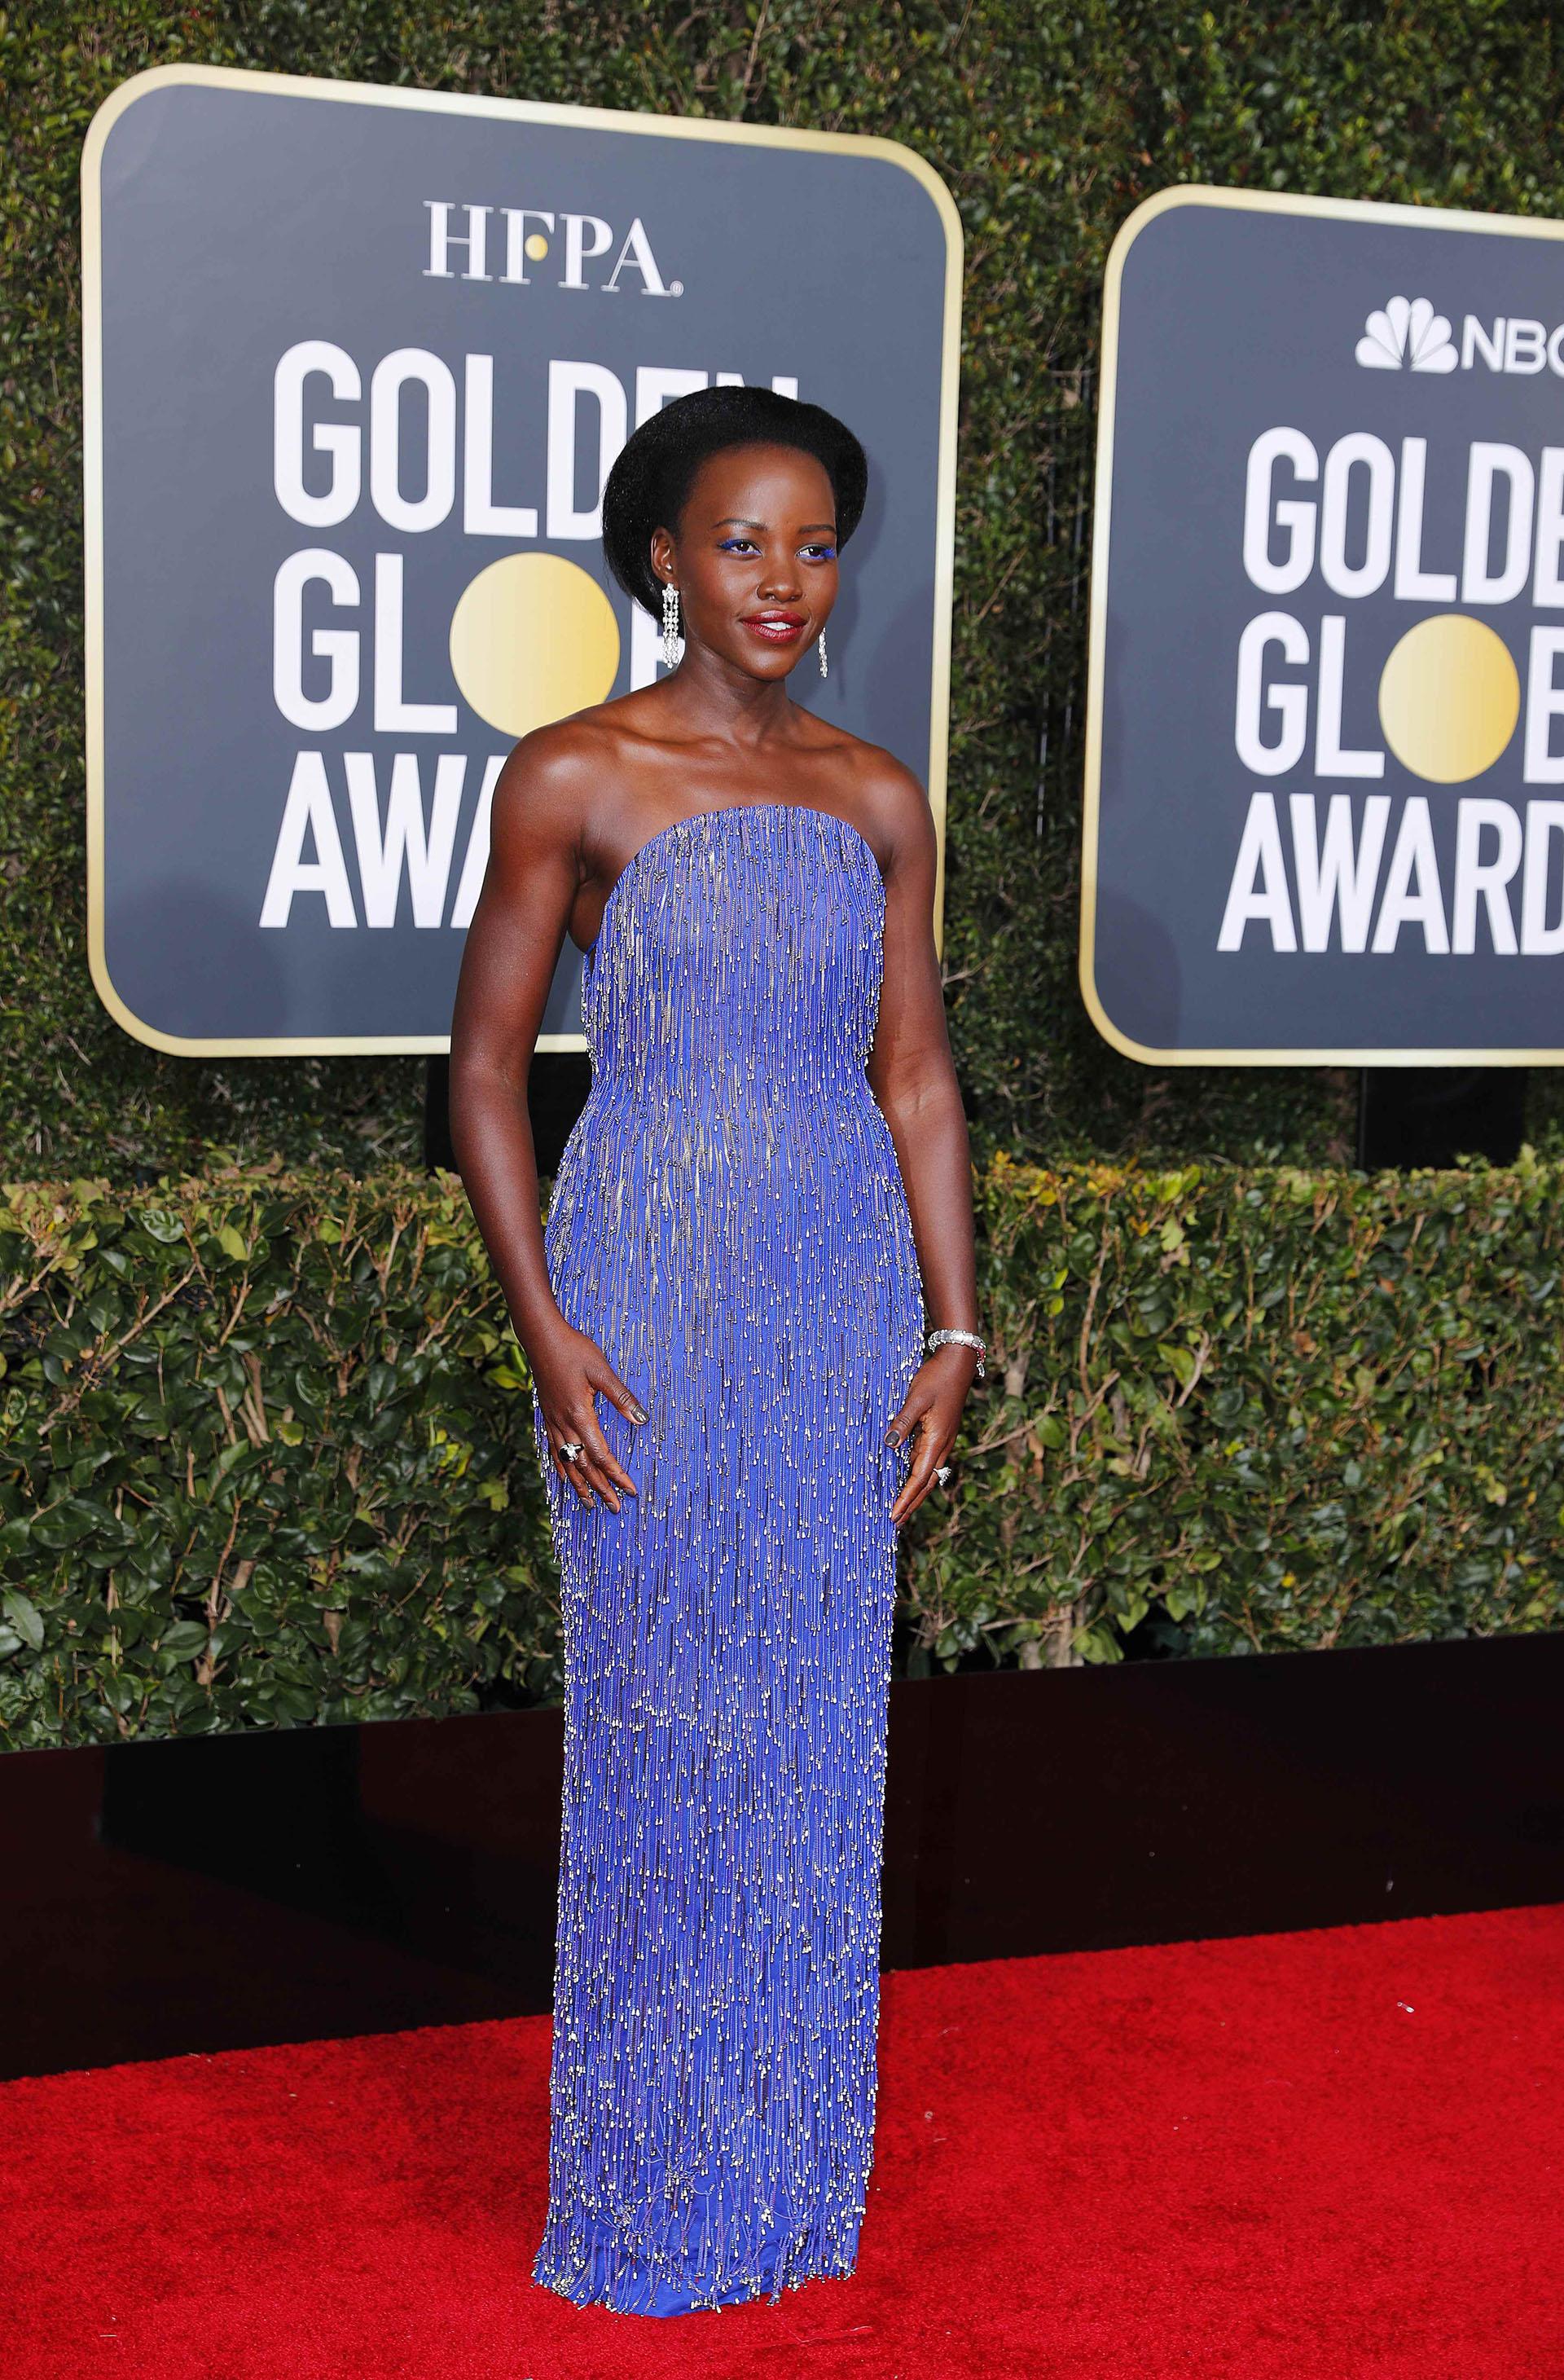 Lupita Nyong'o, al estilo charleston. Con un diseño strapless en azul marino completó su look con dos anillos, una esclava de brillantes y aros cascada